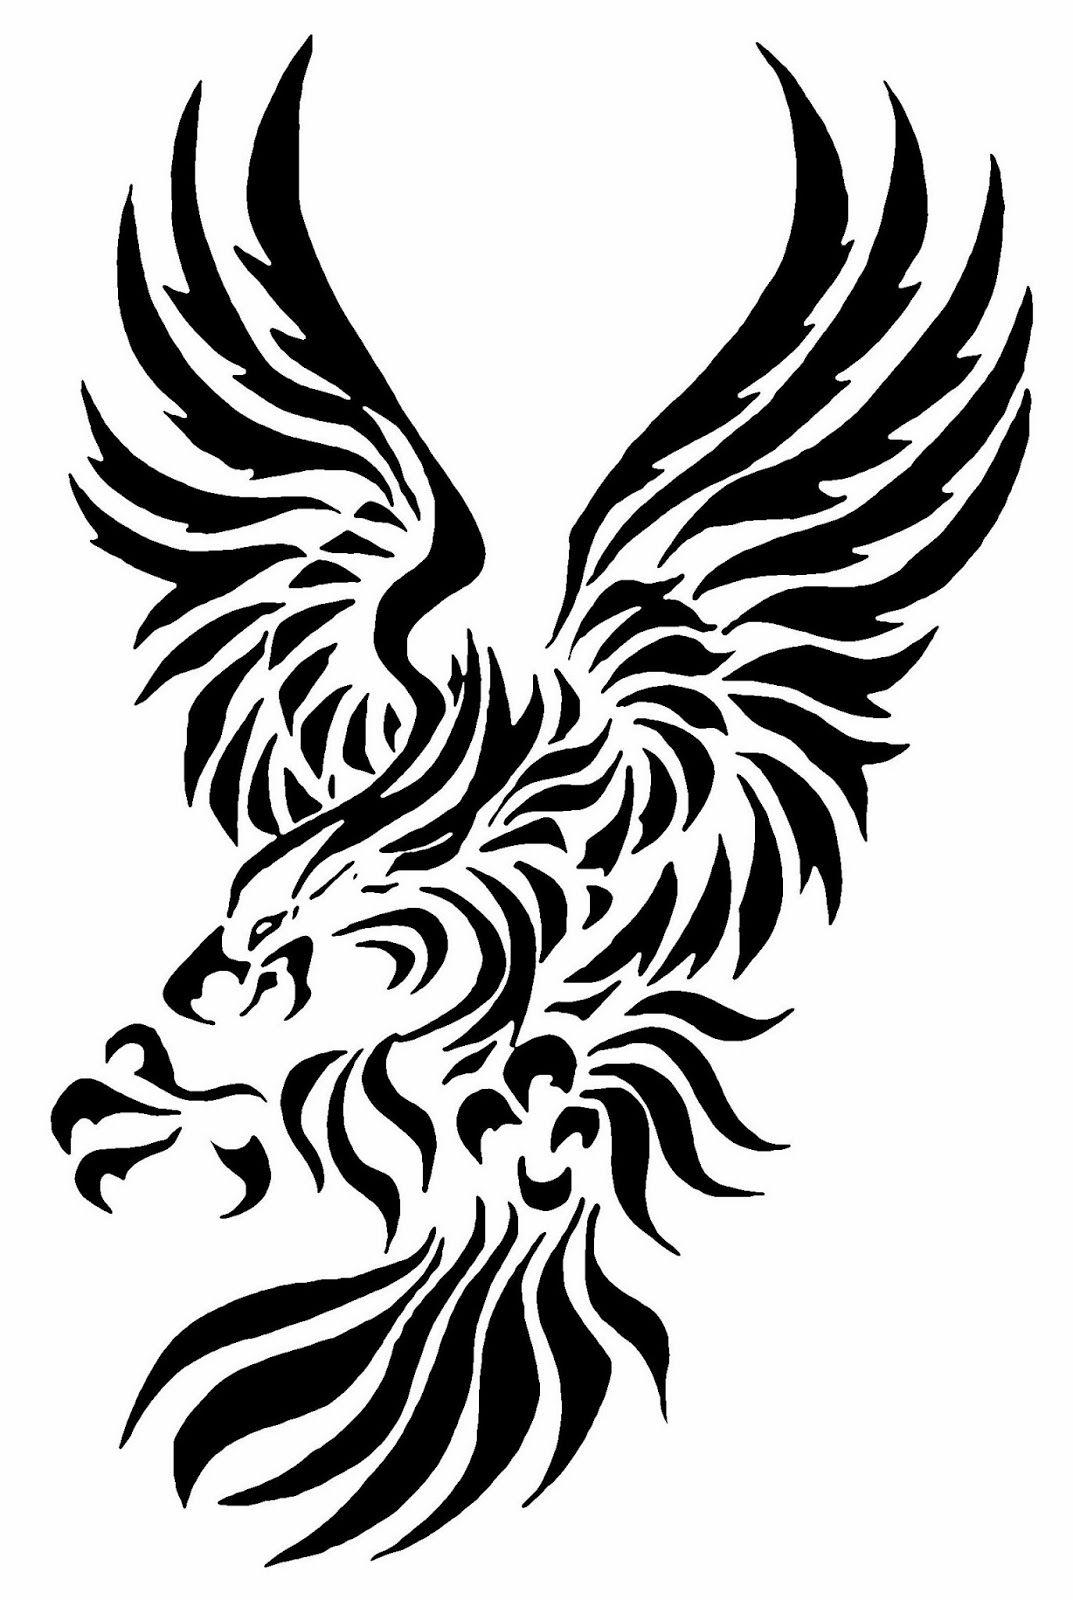 Tatuajes De Aguila Tribal12 Tatuajes Aguilas Disenos De Tatuajes Tribales Diseno De Tatuaje De Pluma